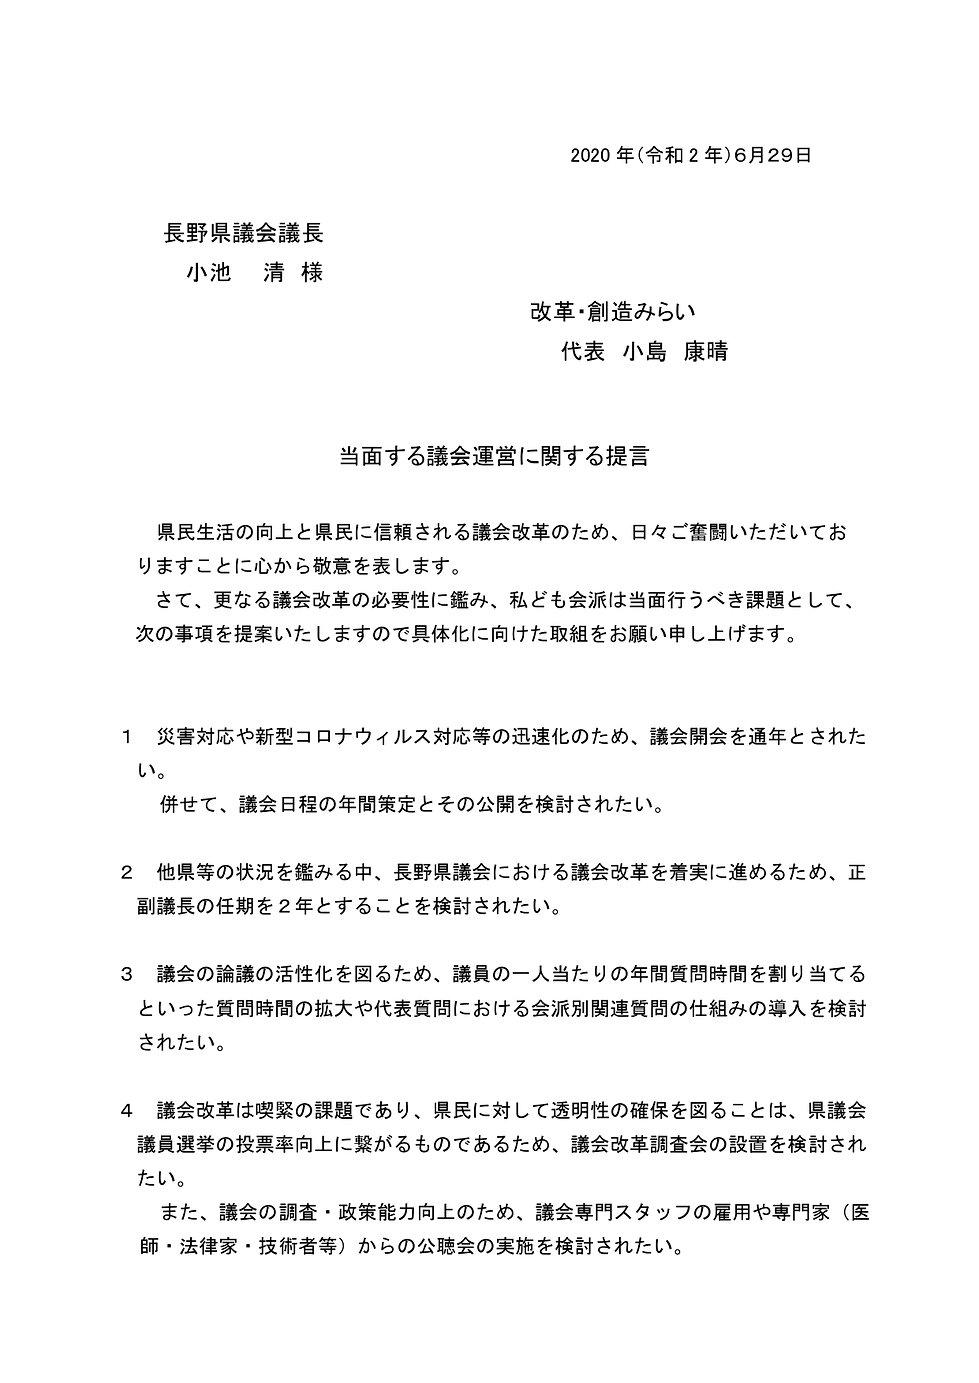 令和2年度議会運営に関する提言_page-0001.jpg